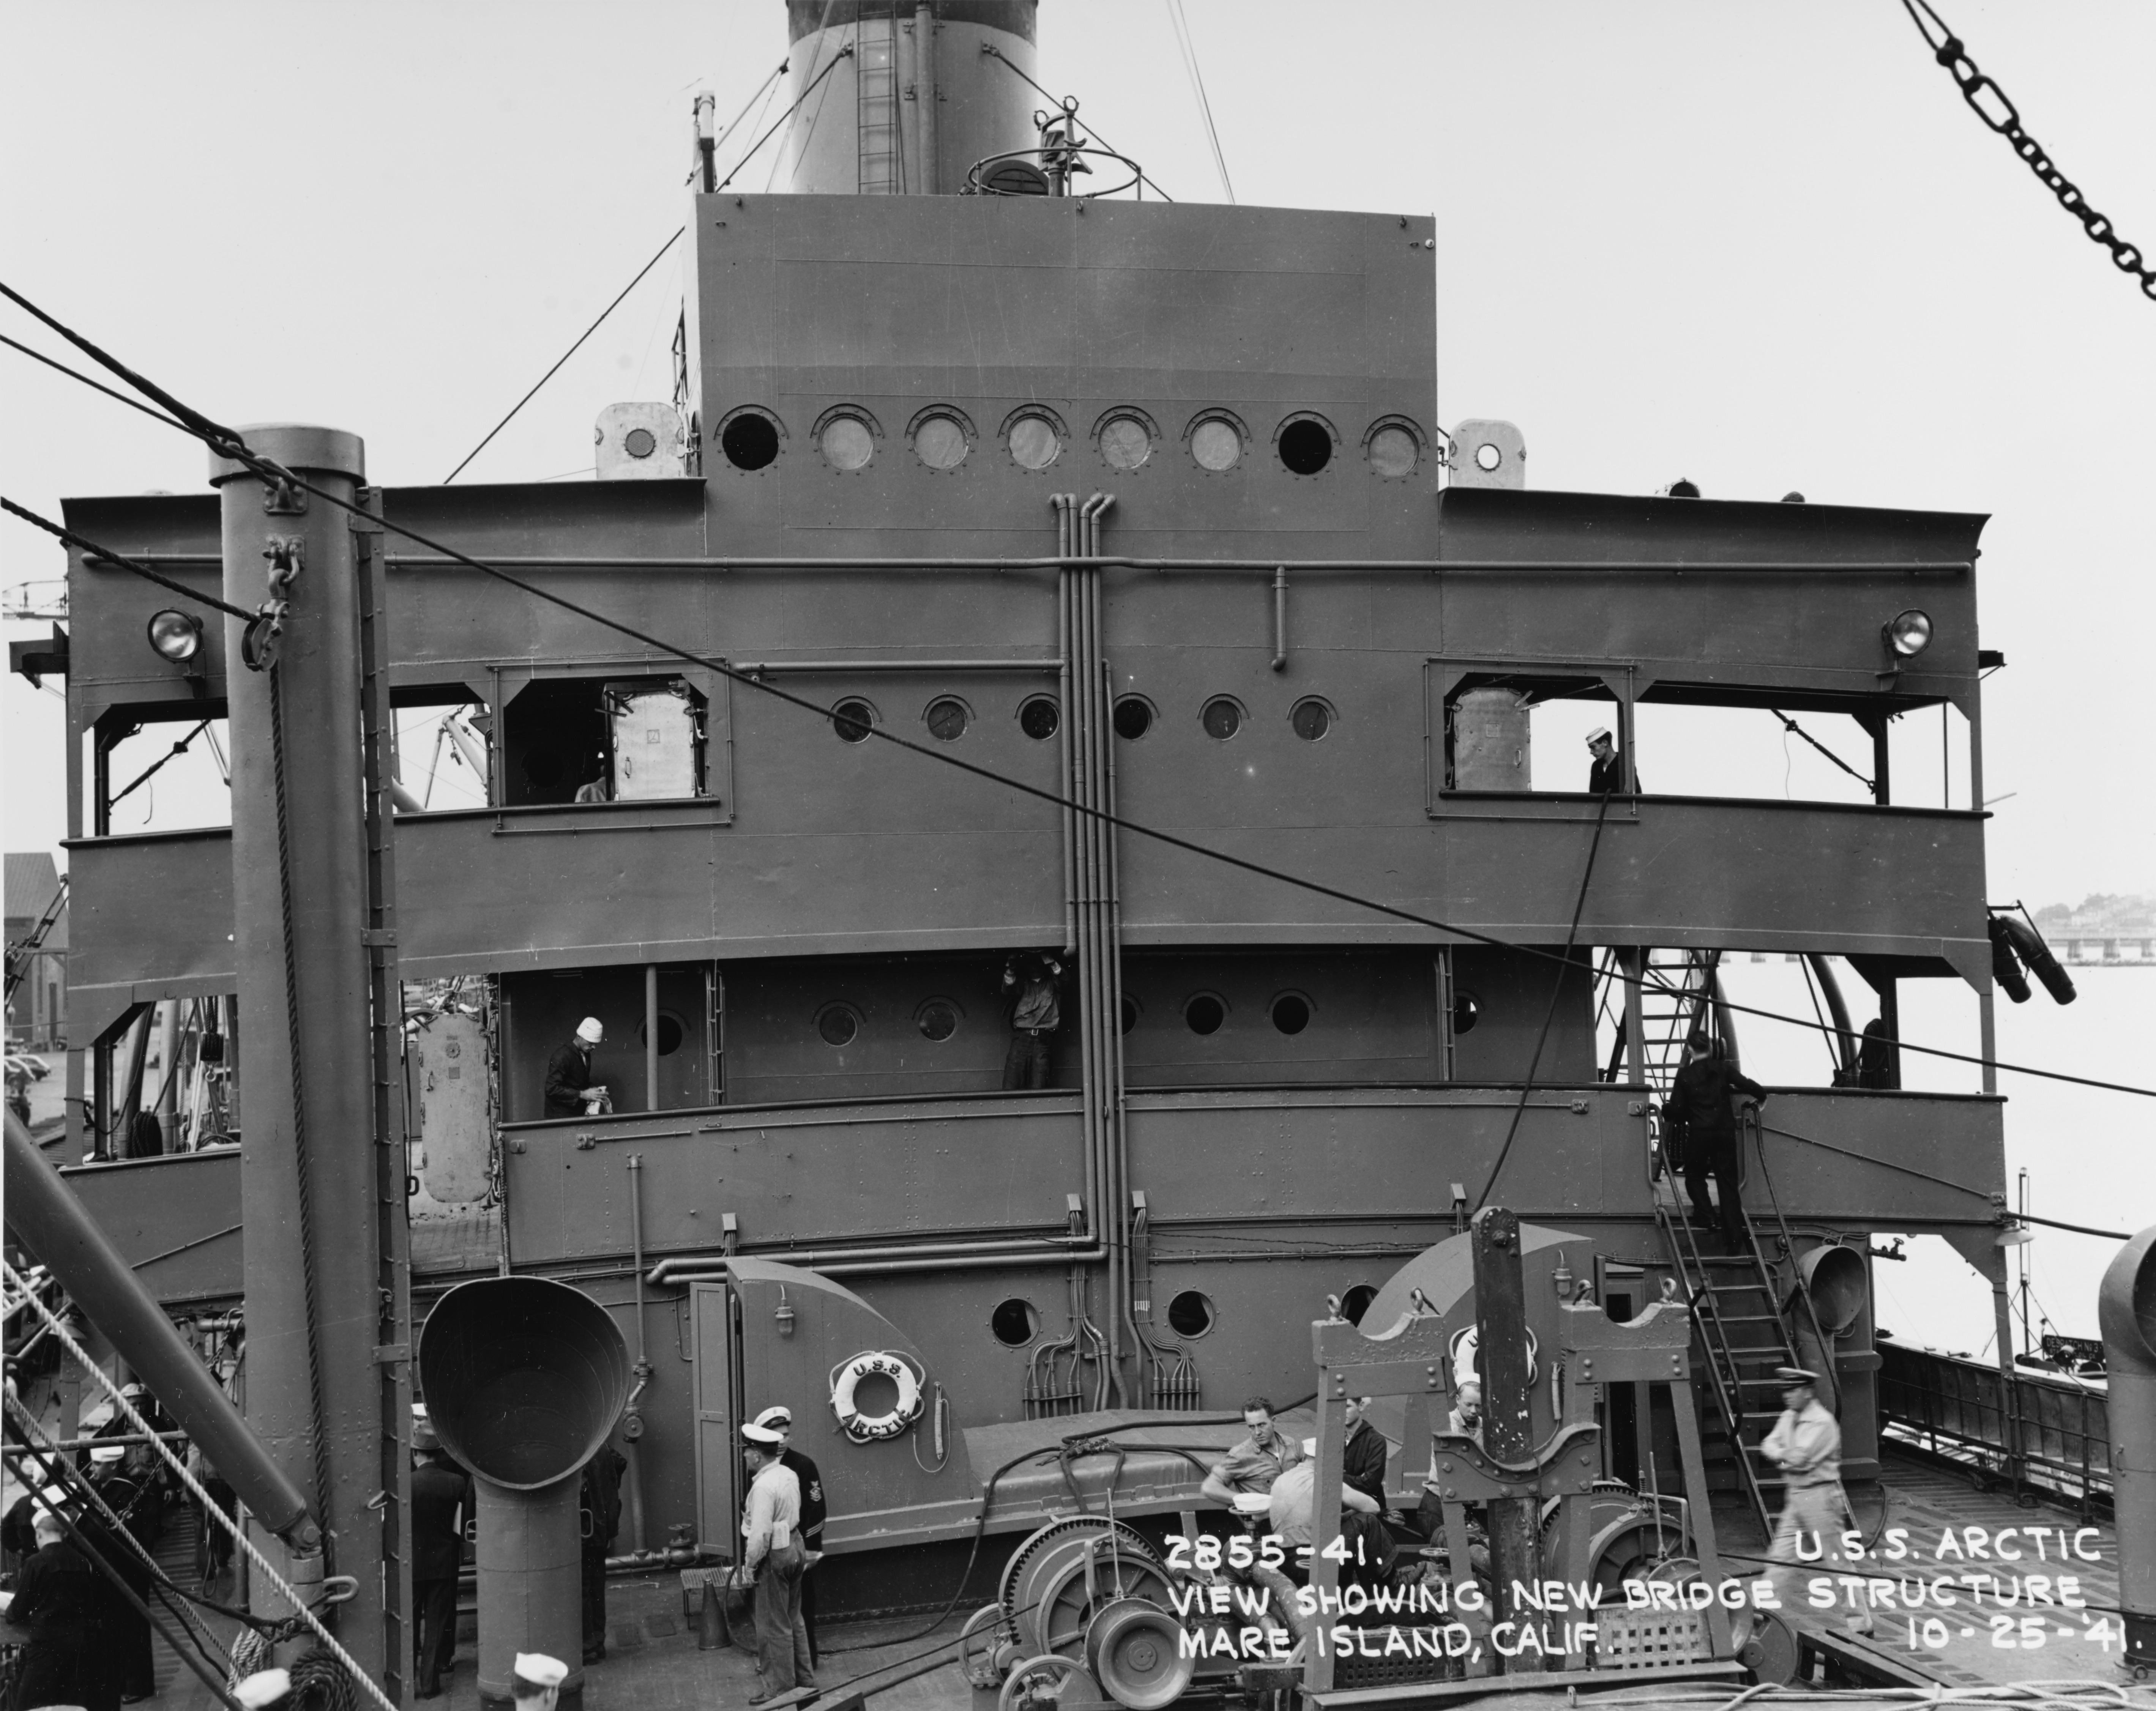 File:USS Arctic - 19-N-25855.jpg